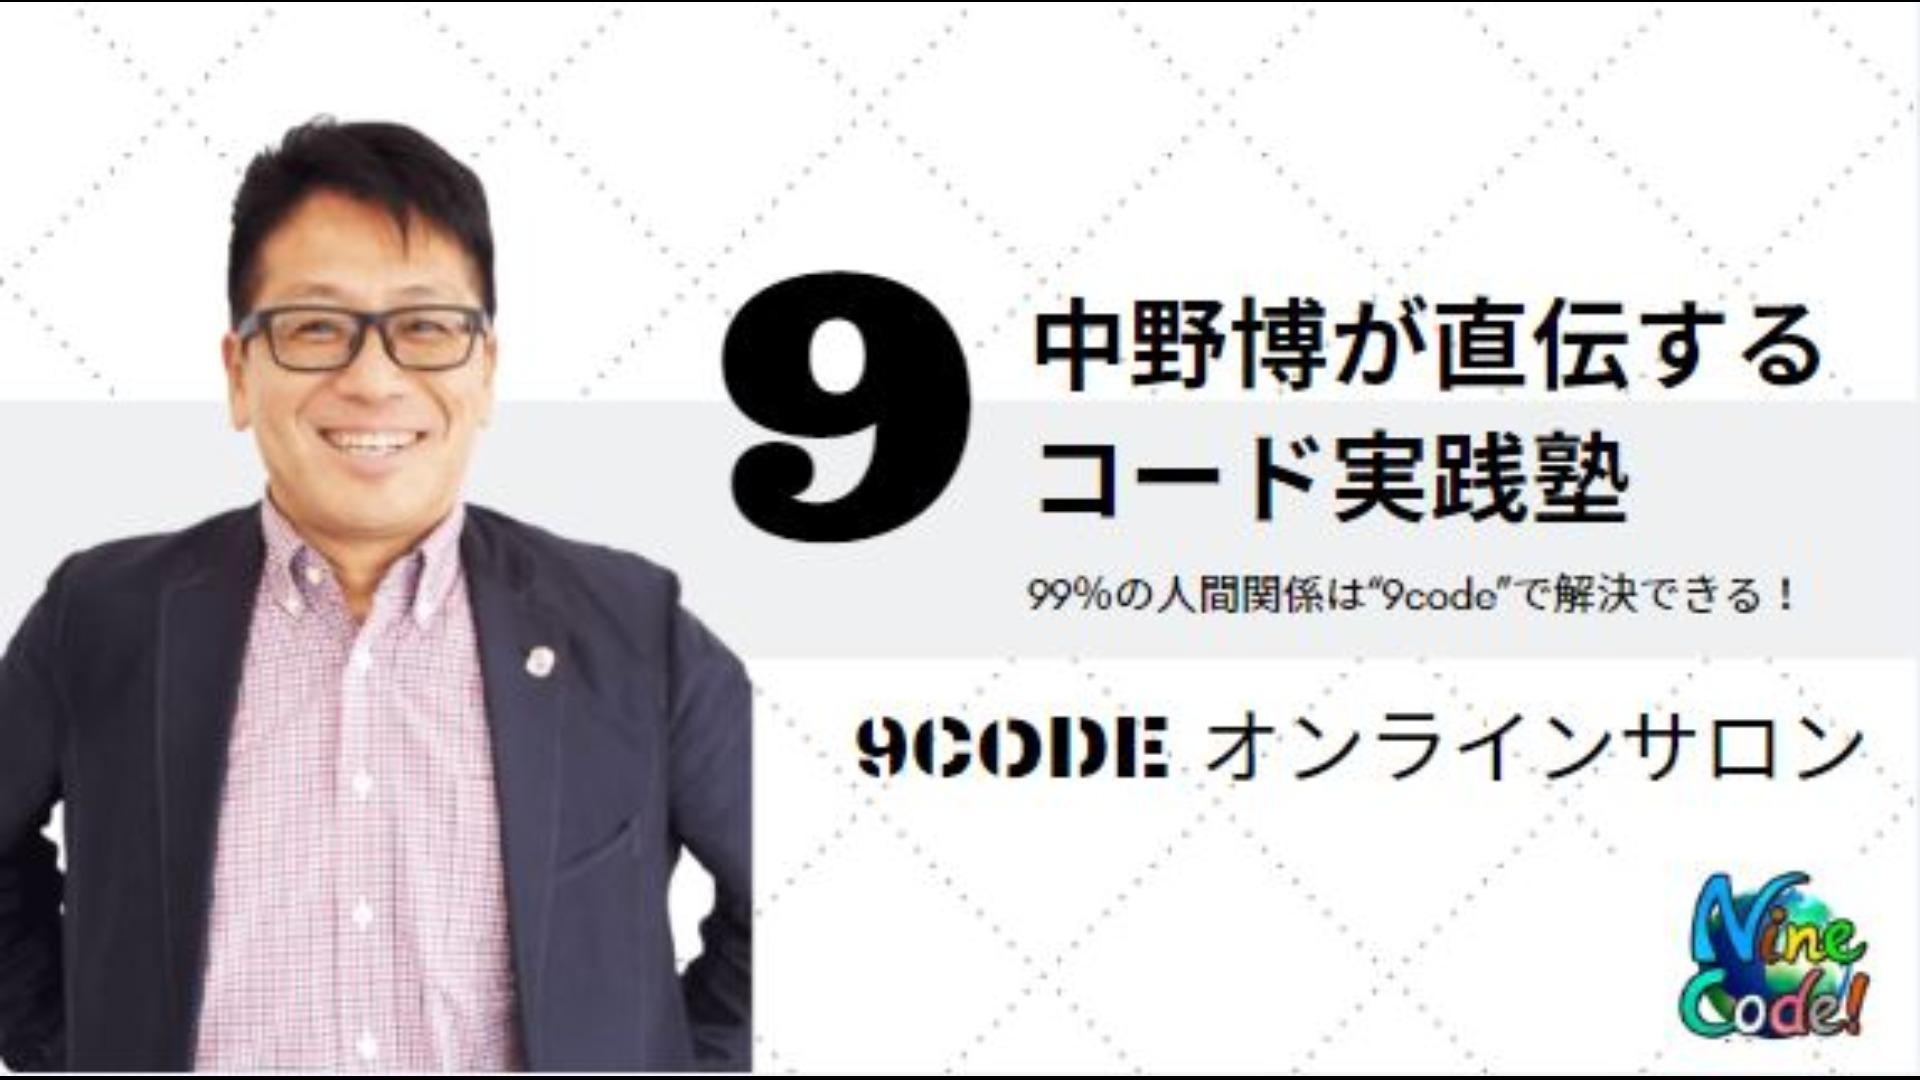 中野博が直伝する「9code実践塾」